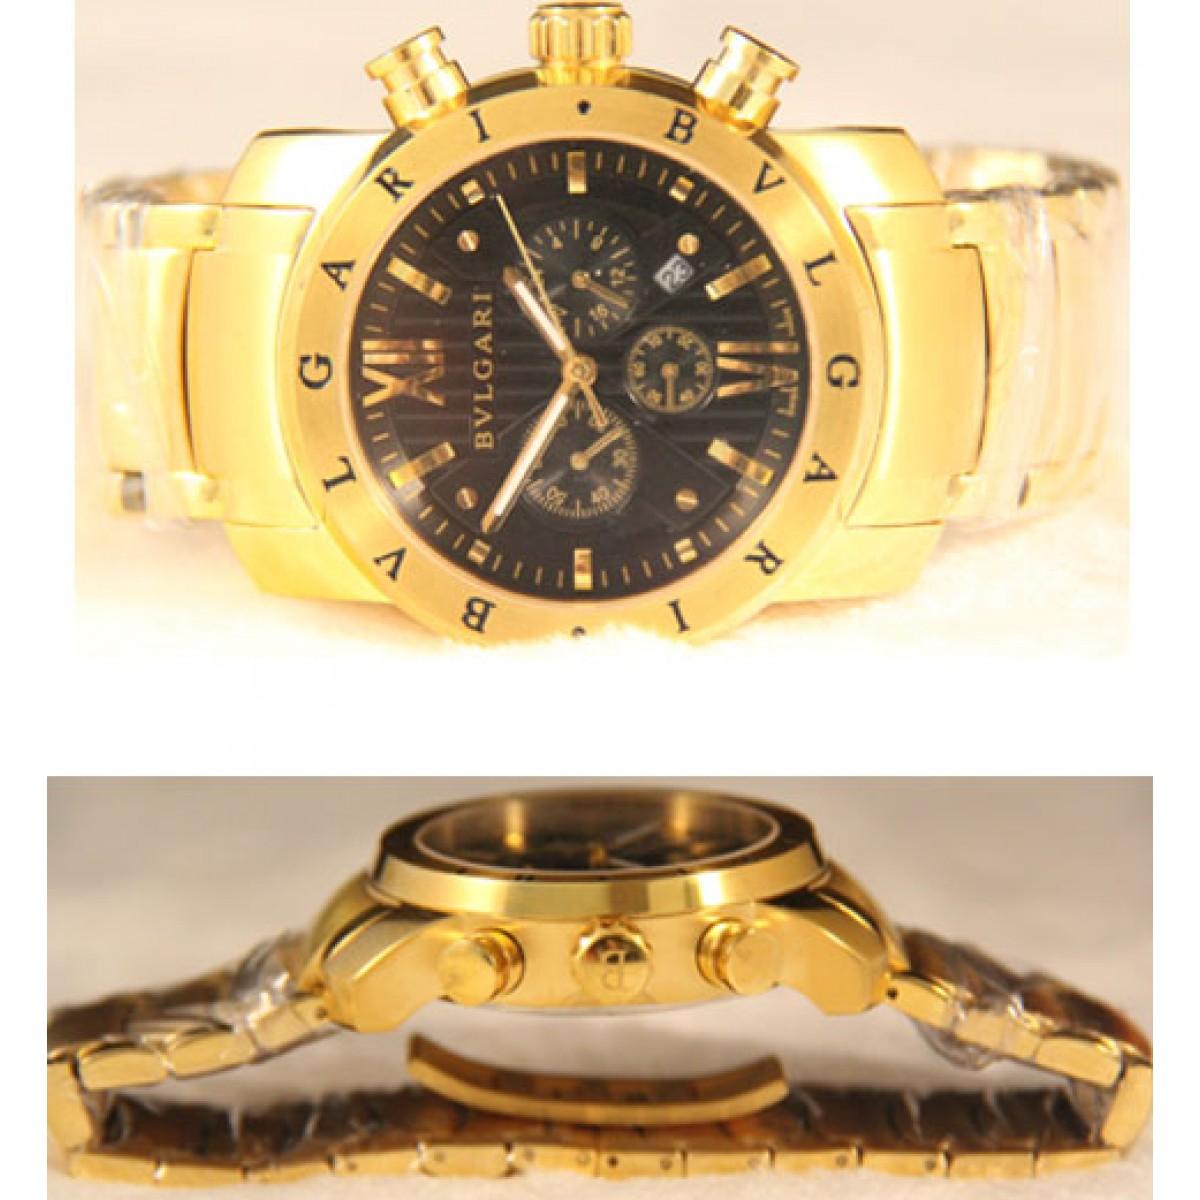 3899bf25713 Relógio Bulgari Homem De Ferro Dourado Preto Réplica ...